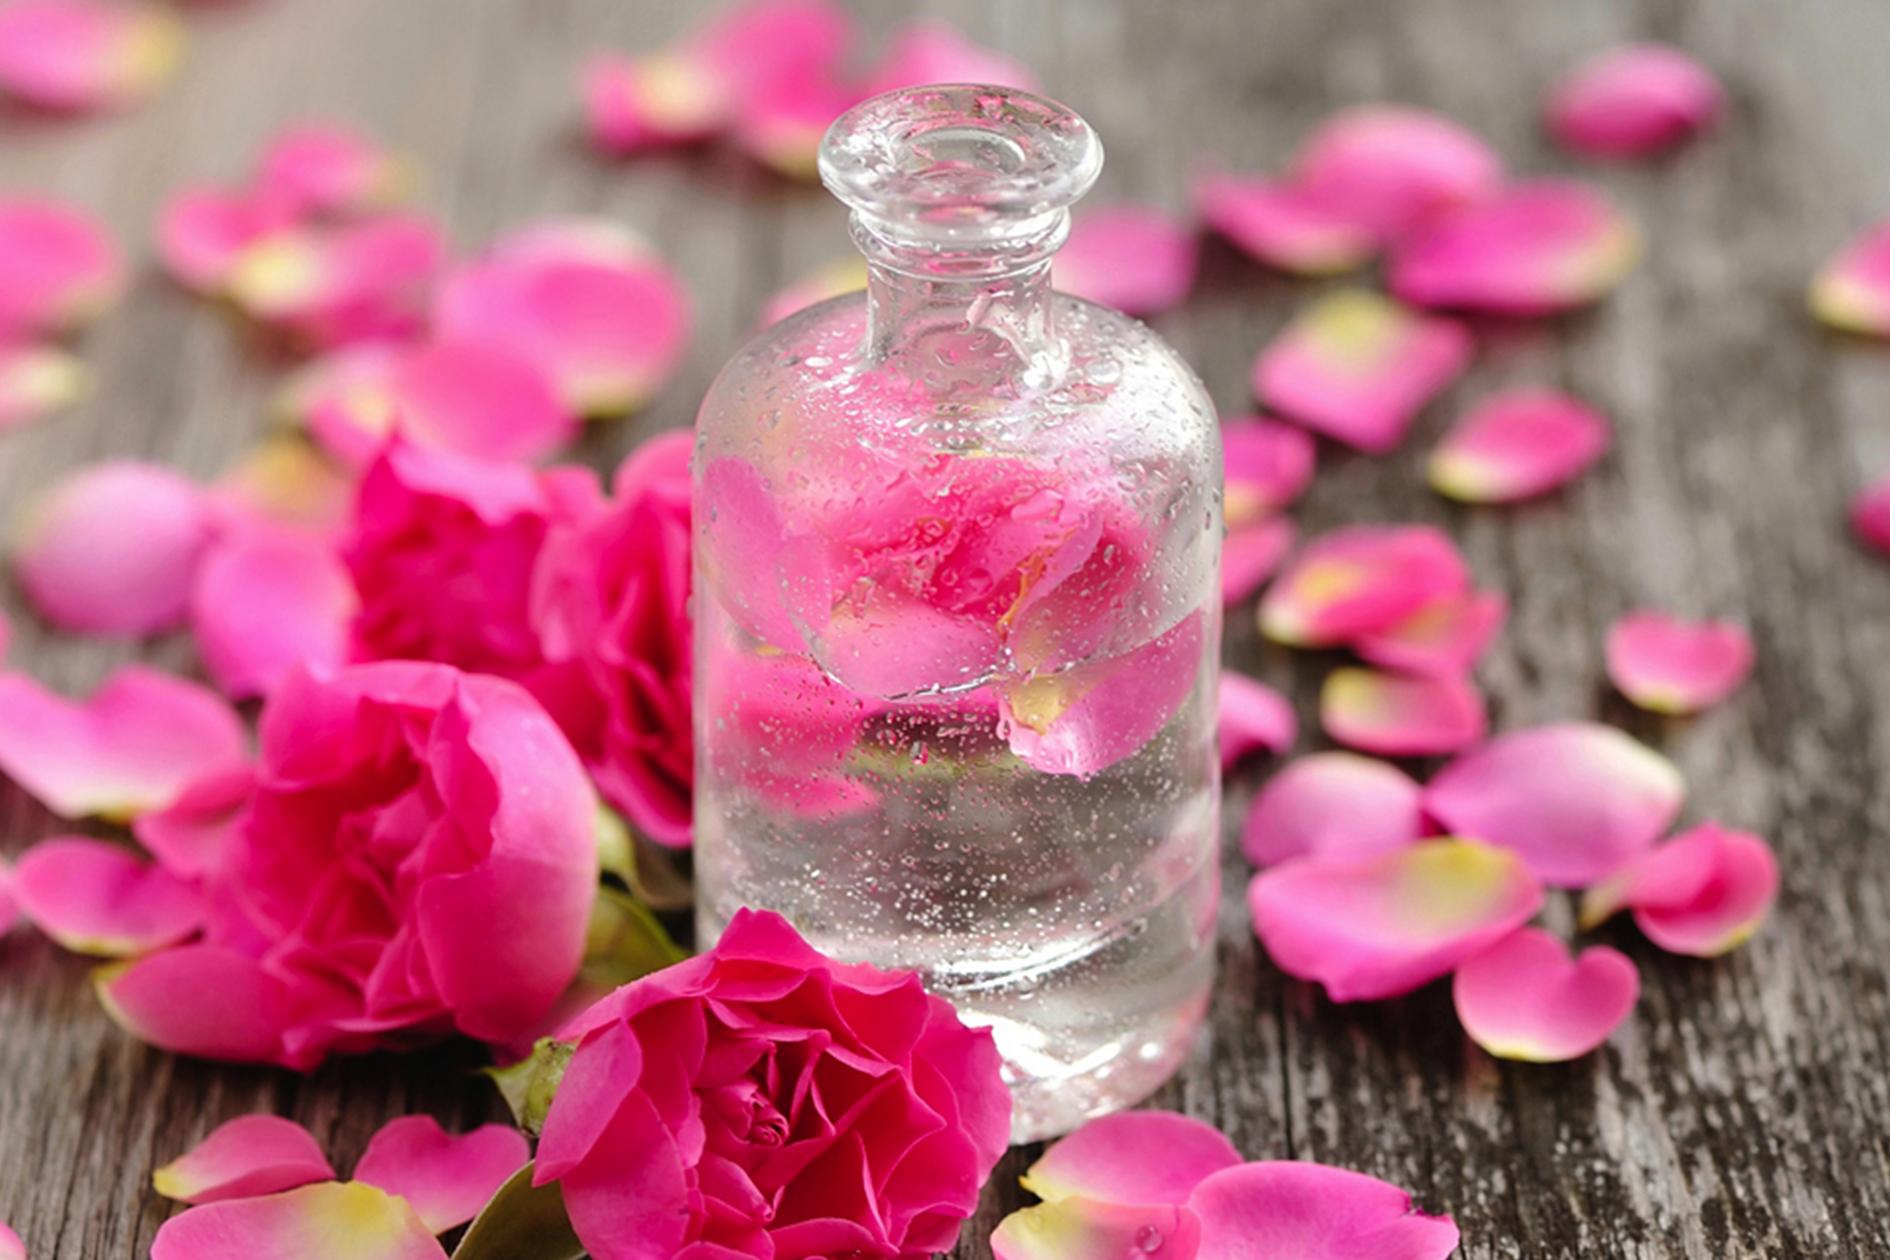 TSDS108307-rose-petals